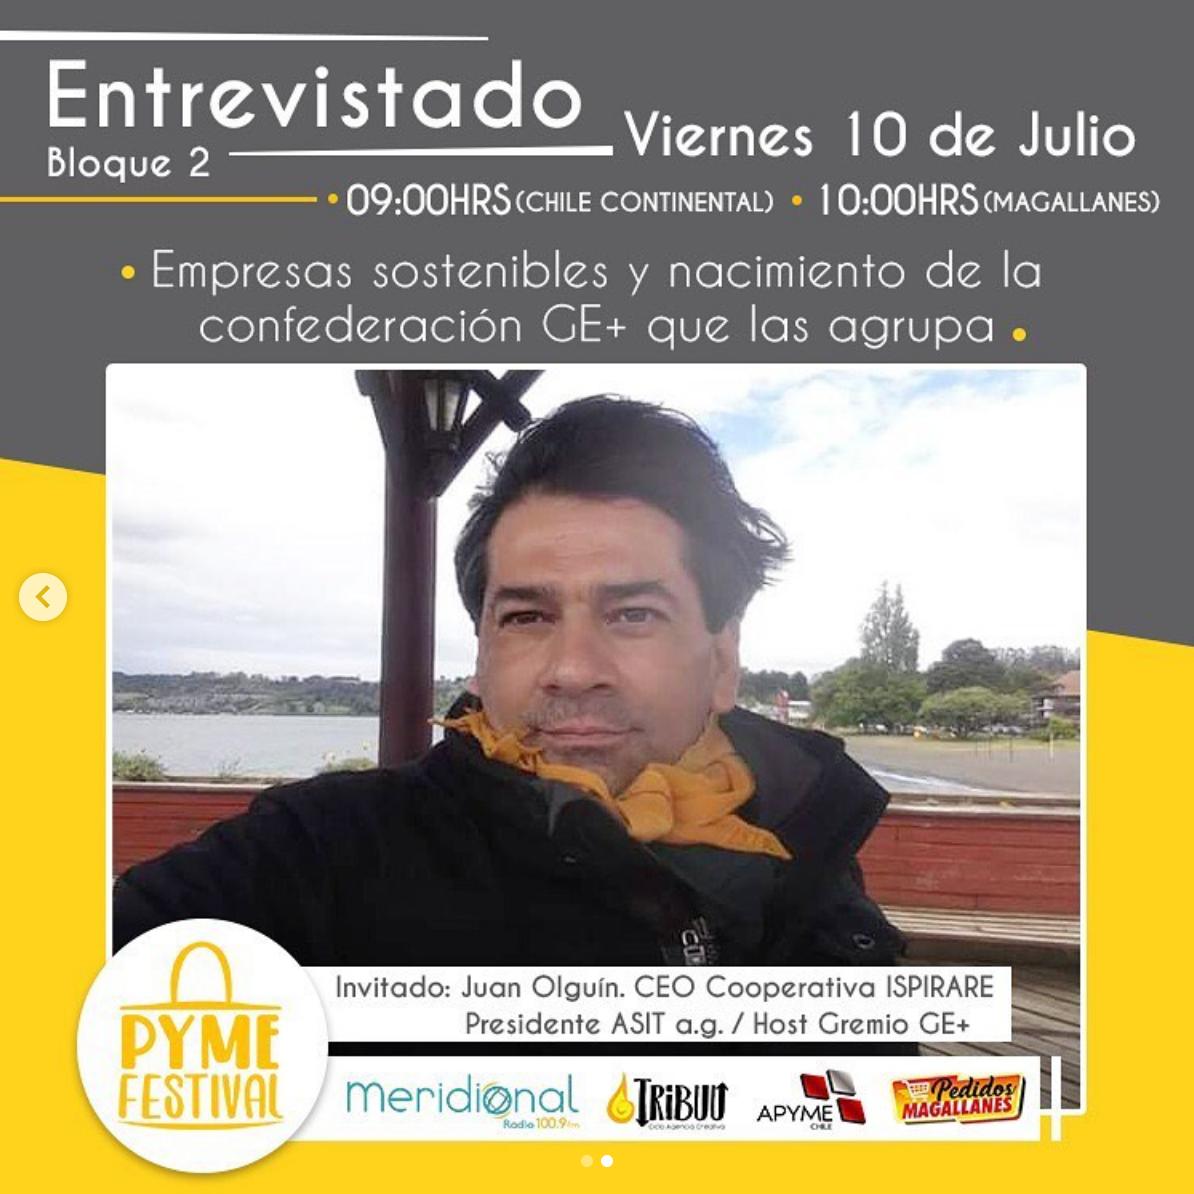 Empresas sostenibles con Juan Jaime Olguín